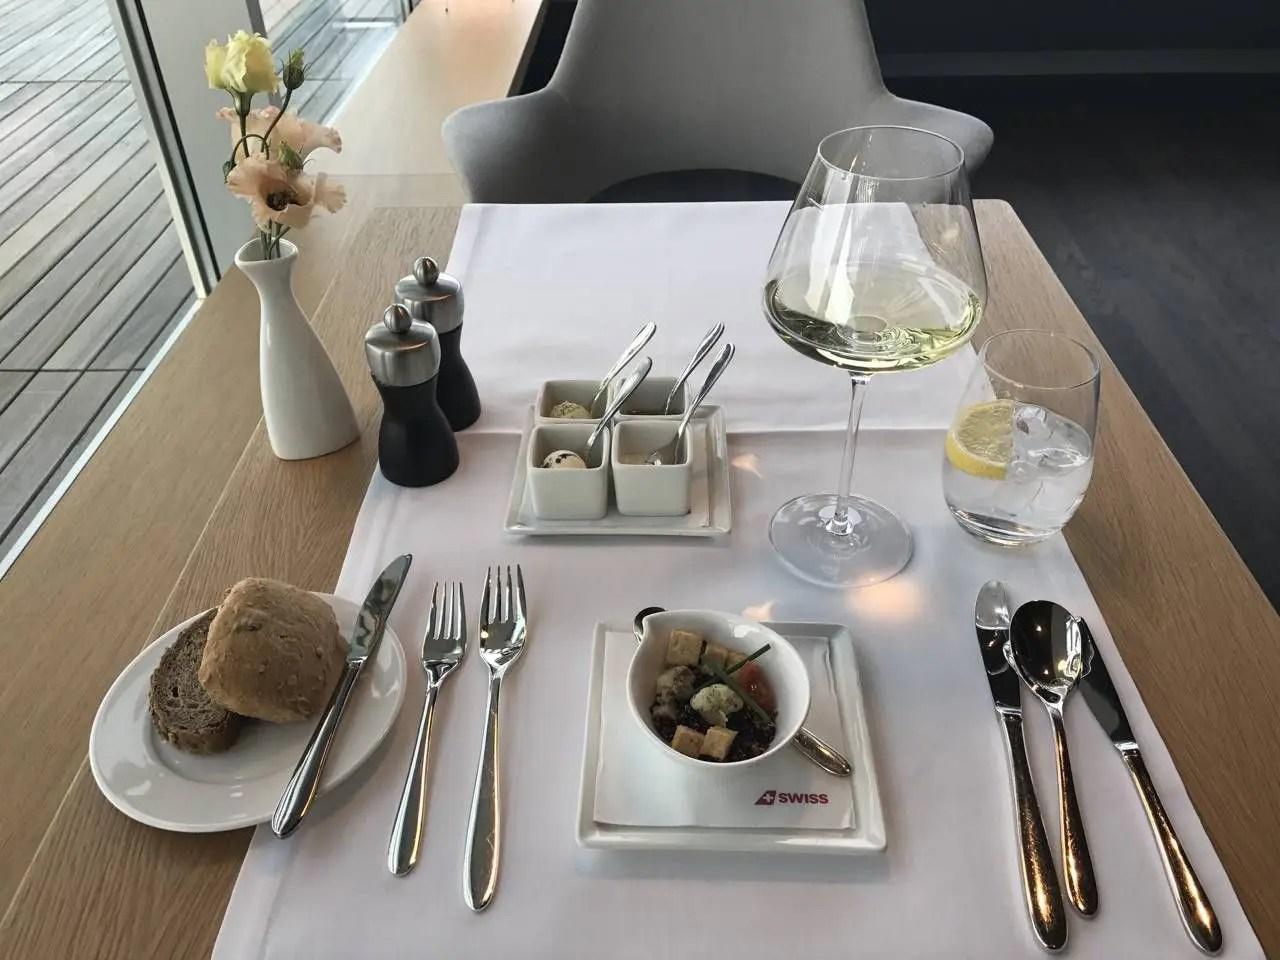 swiss-first-class-lounge-047